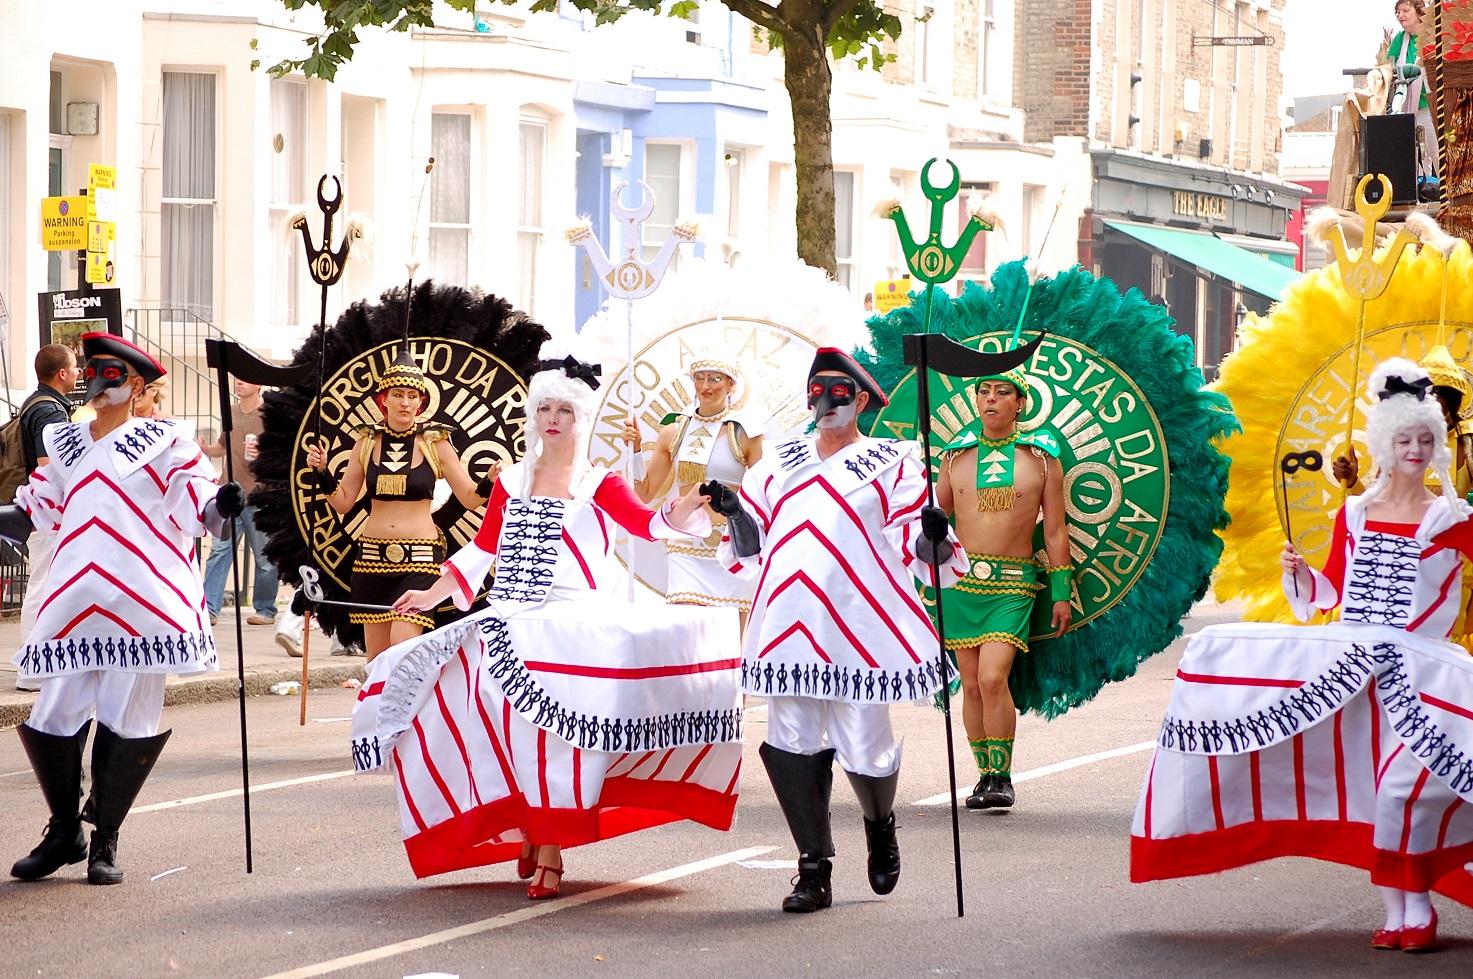 fiestas del mundo Desfile en el Carnaval de Notting Hill.